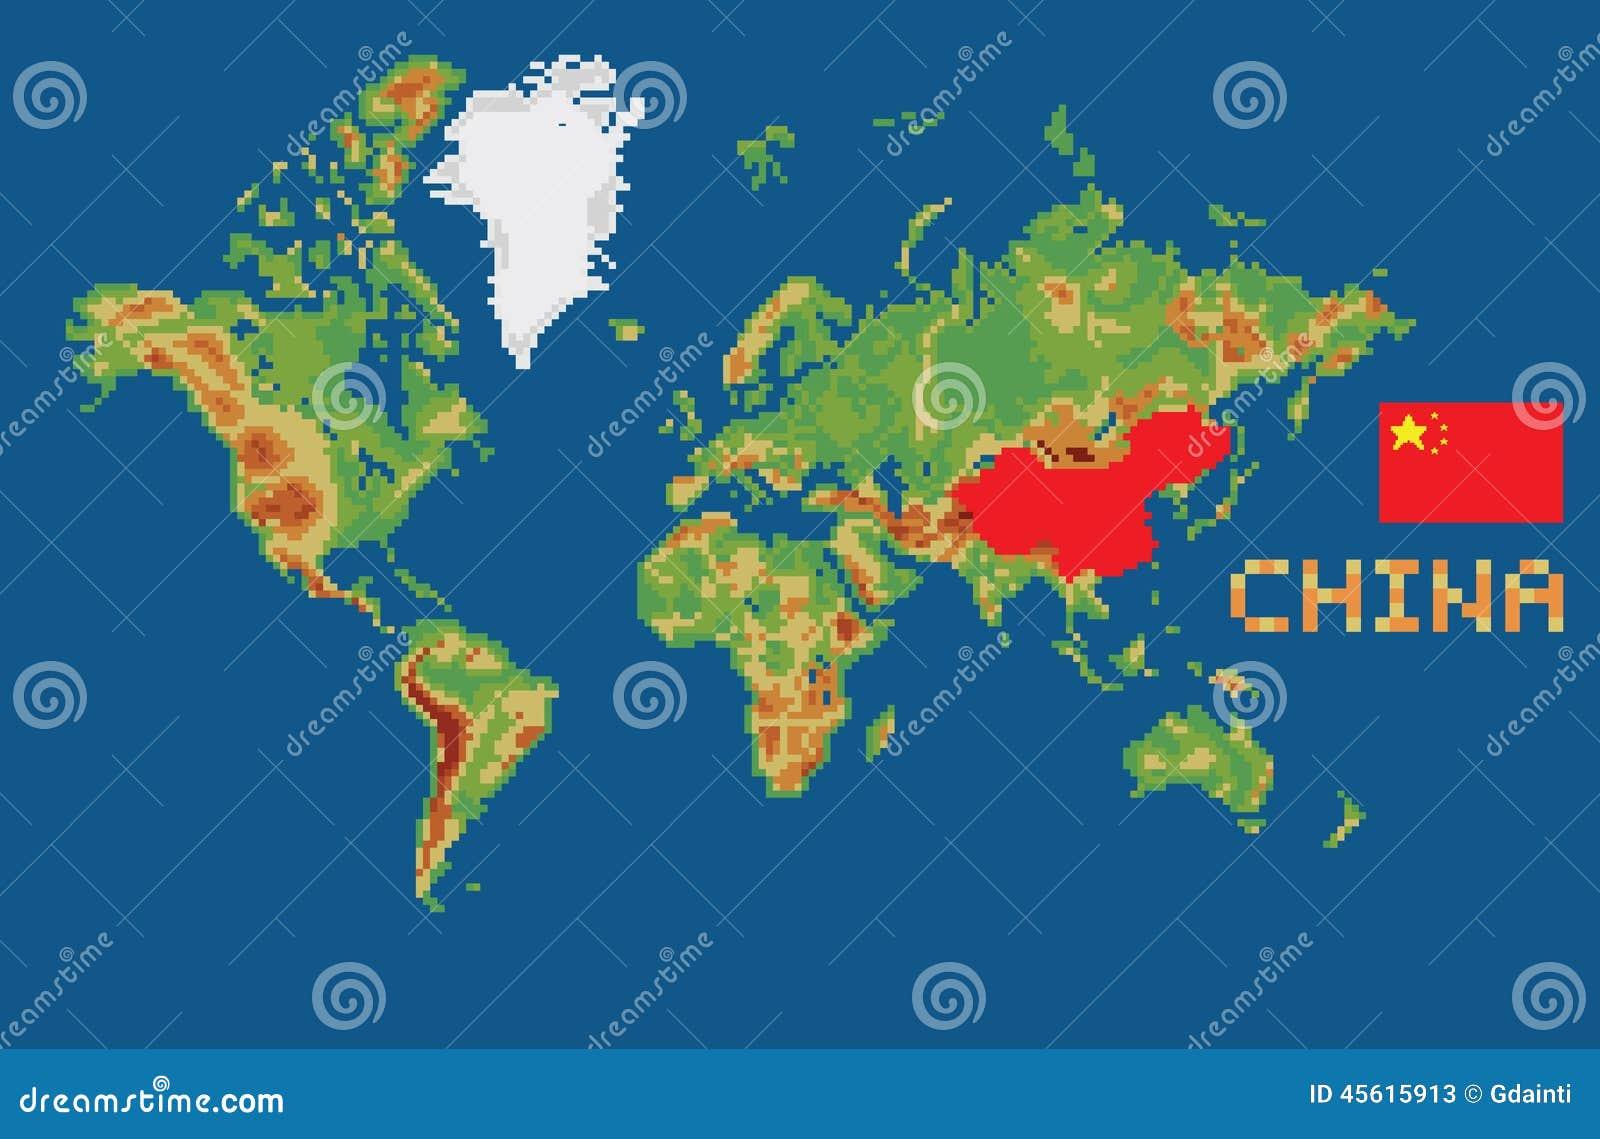 Mapa Del Mundo China.Mapa Del Mundo Del Estilo Del Arte Del Pixel Con Las Fronteras De China De La Forma Ilustracion Del Vector Ilustracion De Mundo Arte 45615913